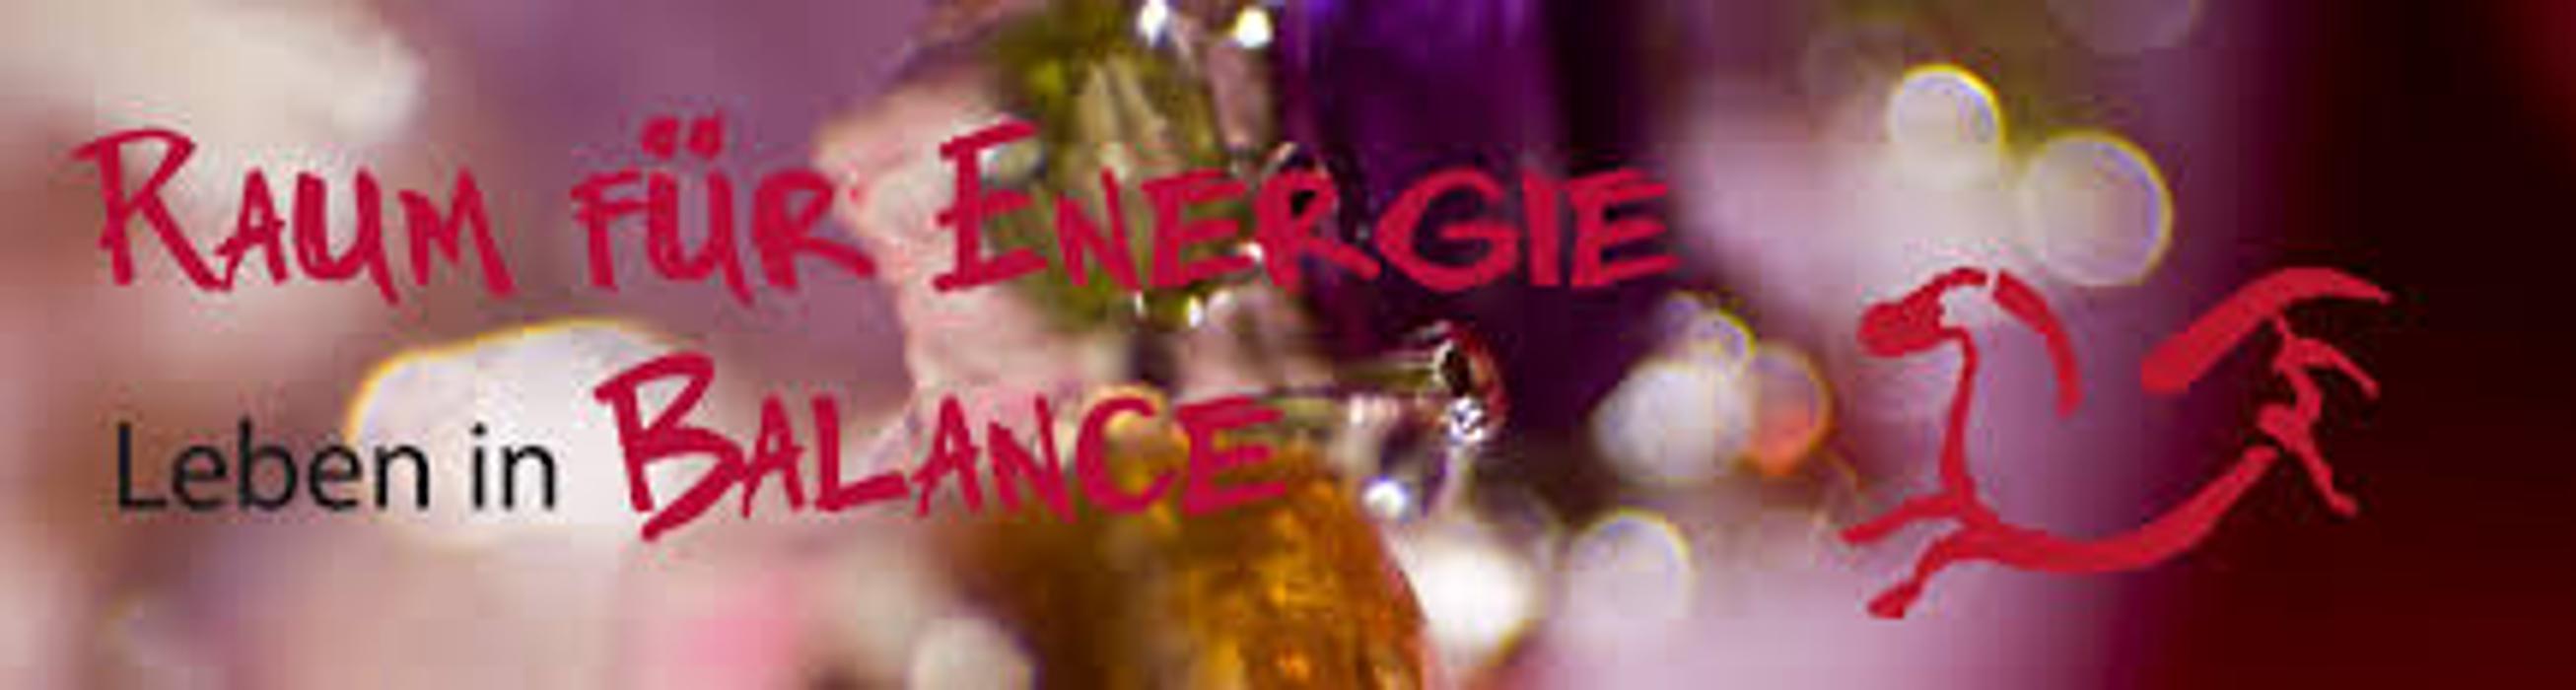 Bild zu Raum für Energie - Leben in Balance in Esslingen am Neckar